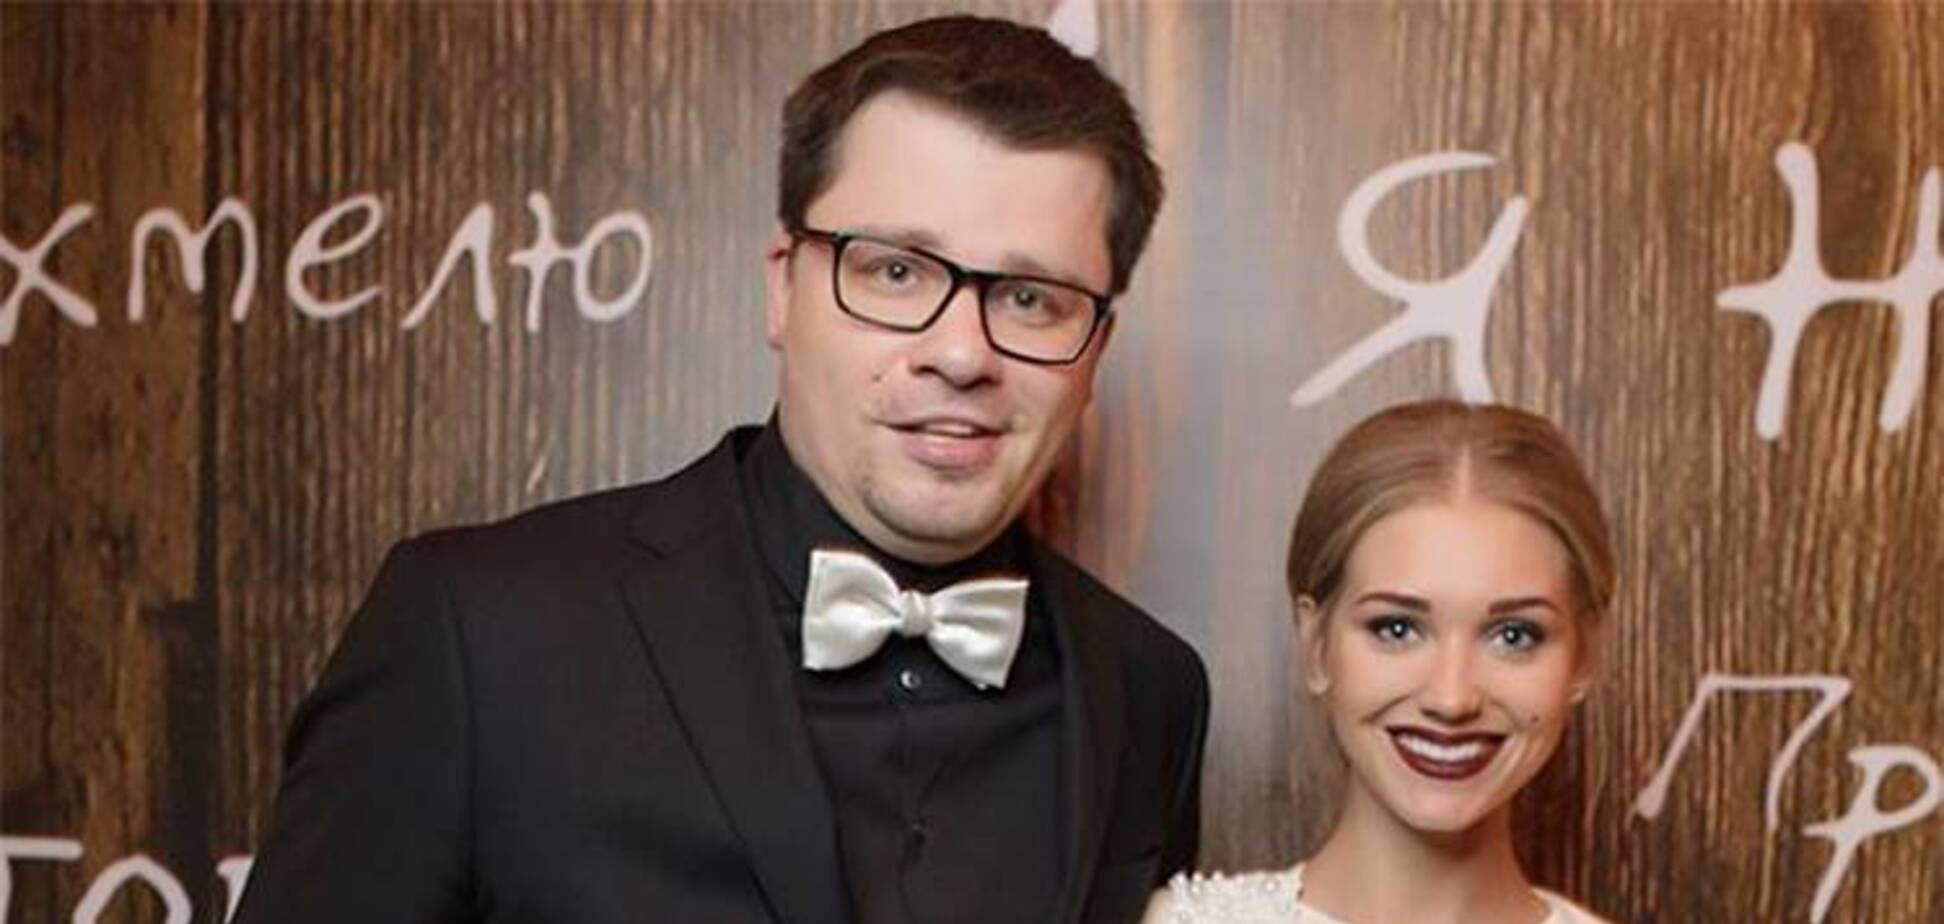 Харламов пішов від Асмус і став ініціатором розлучення: що могло стати причиною